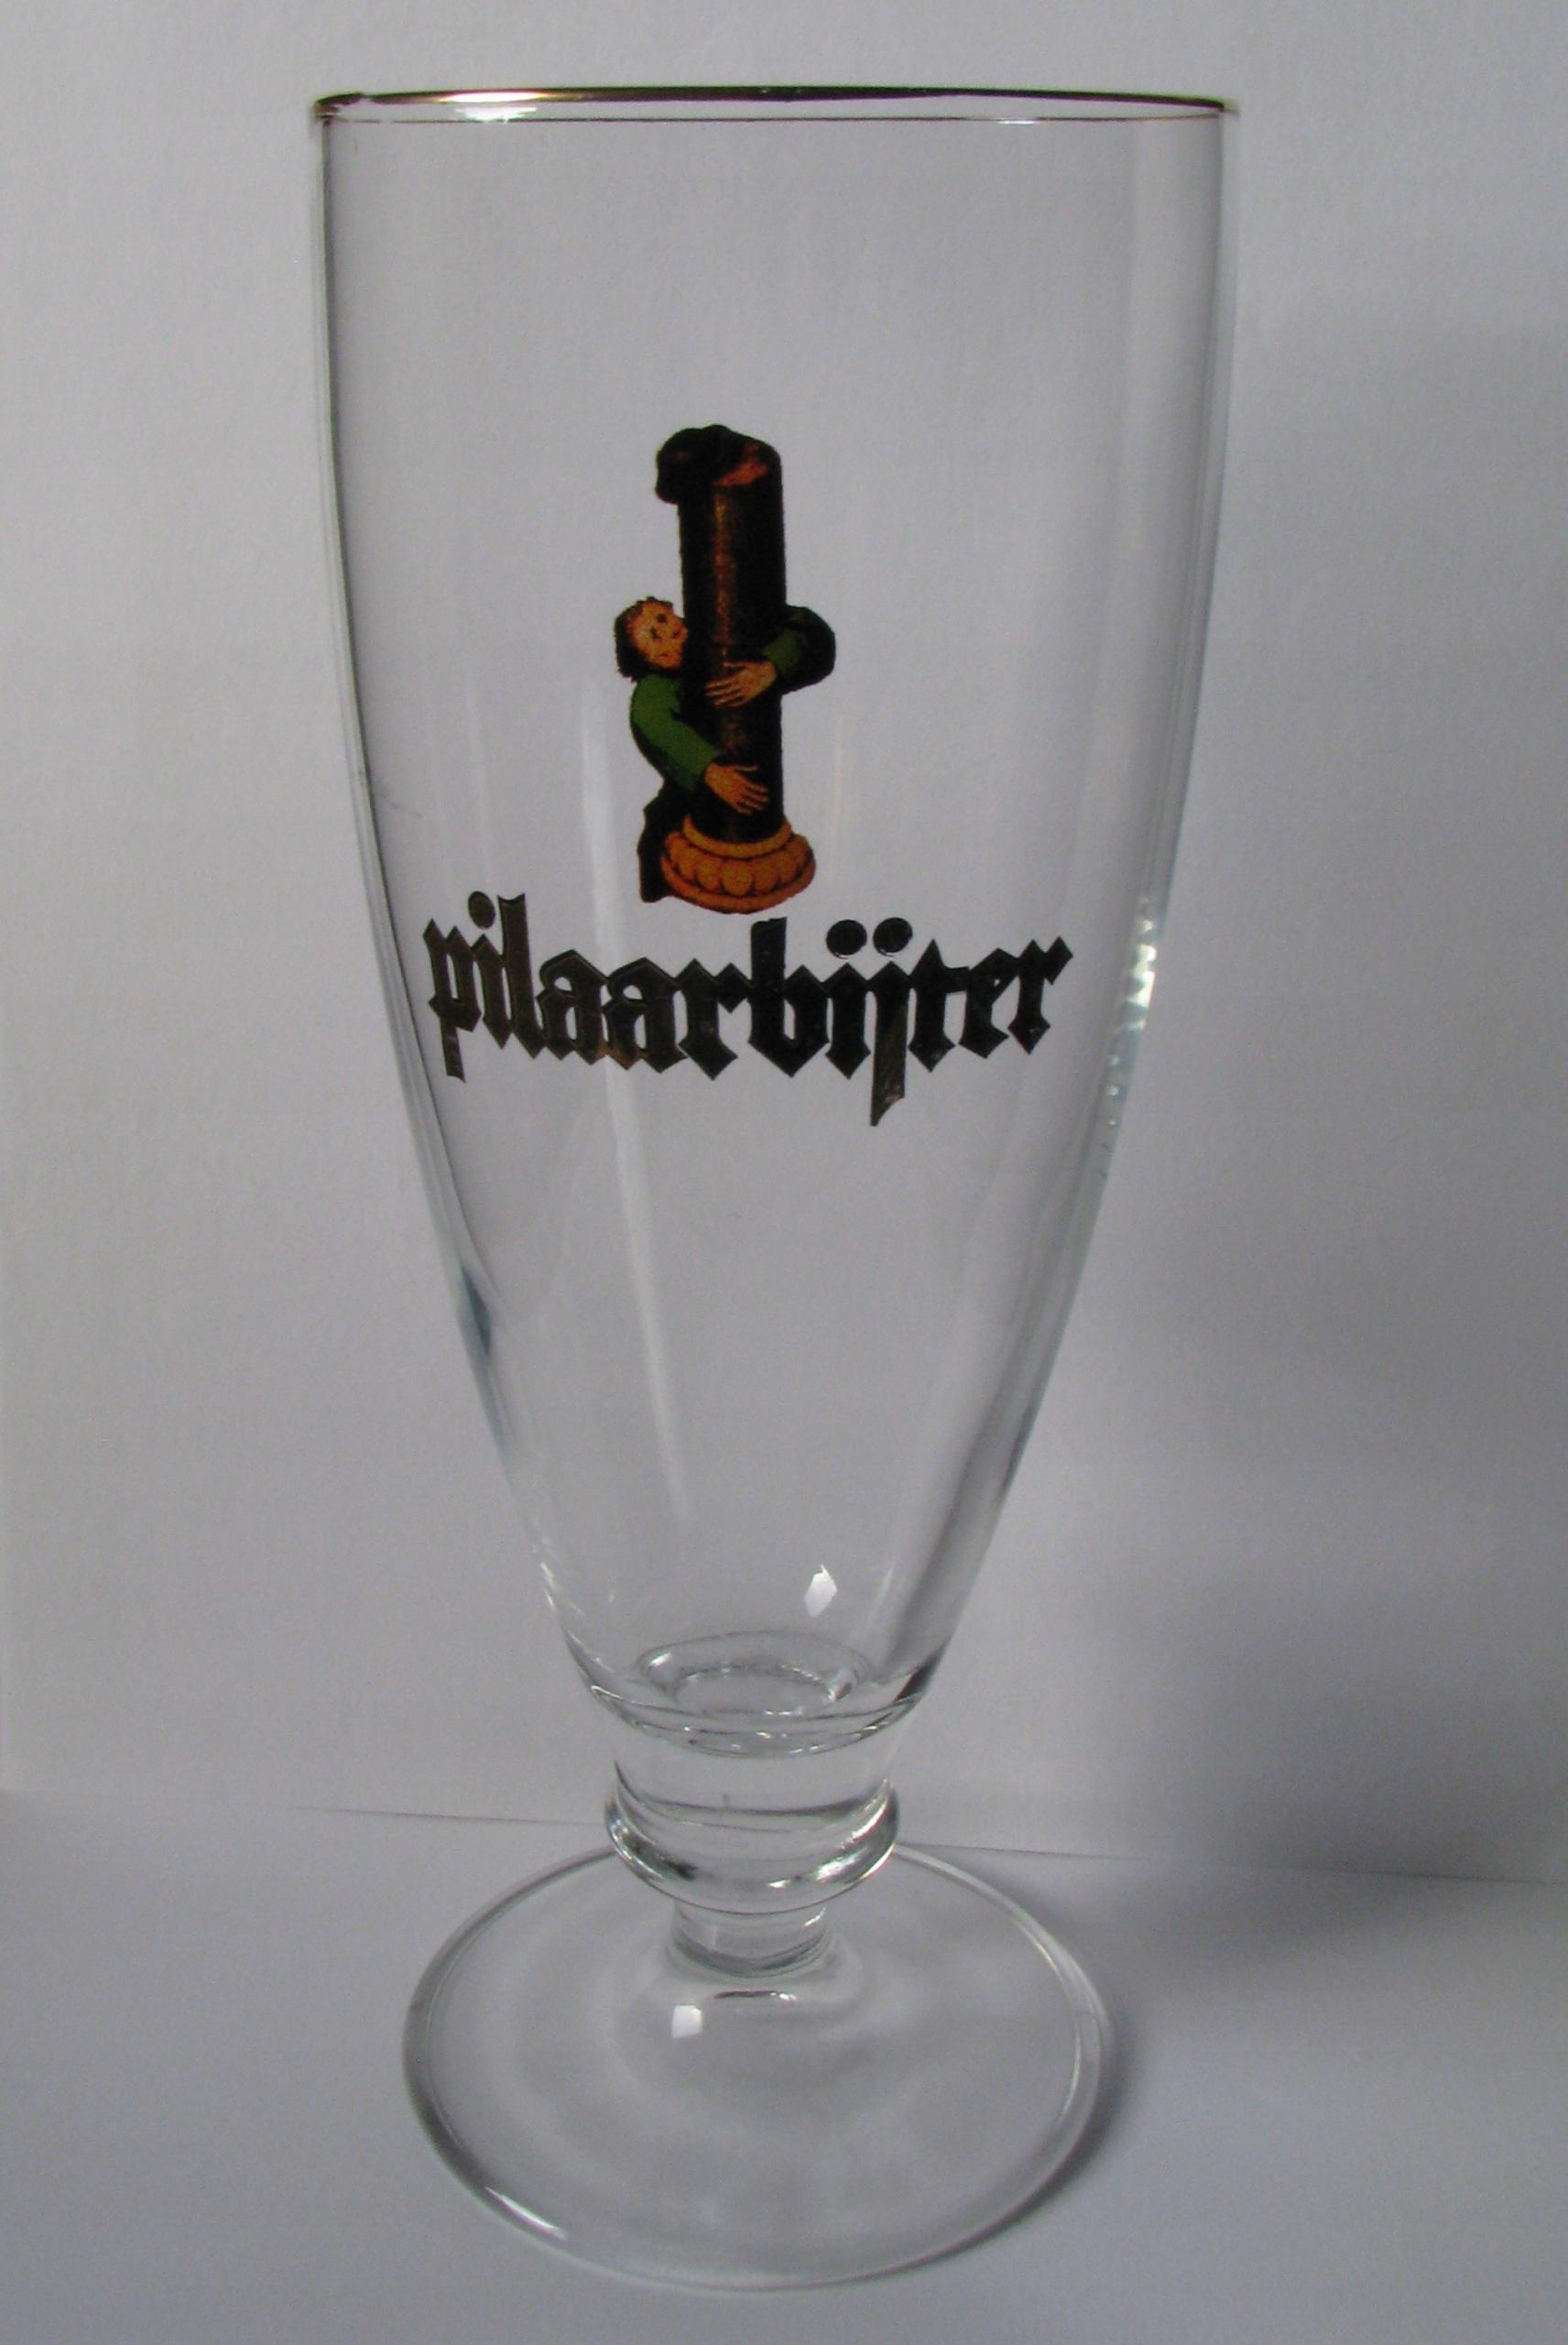 Pilaarbijter - pokal 0,4L (Belgia)